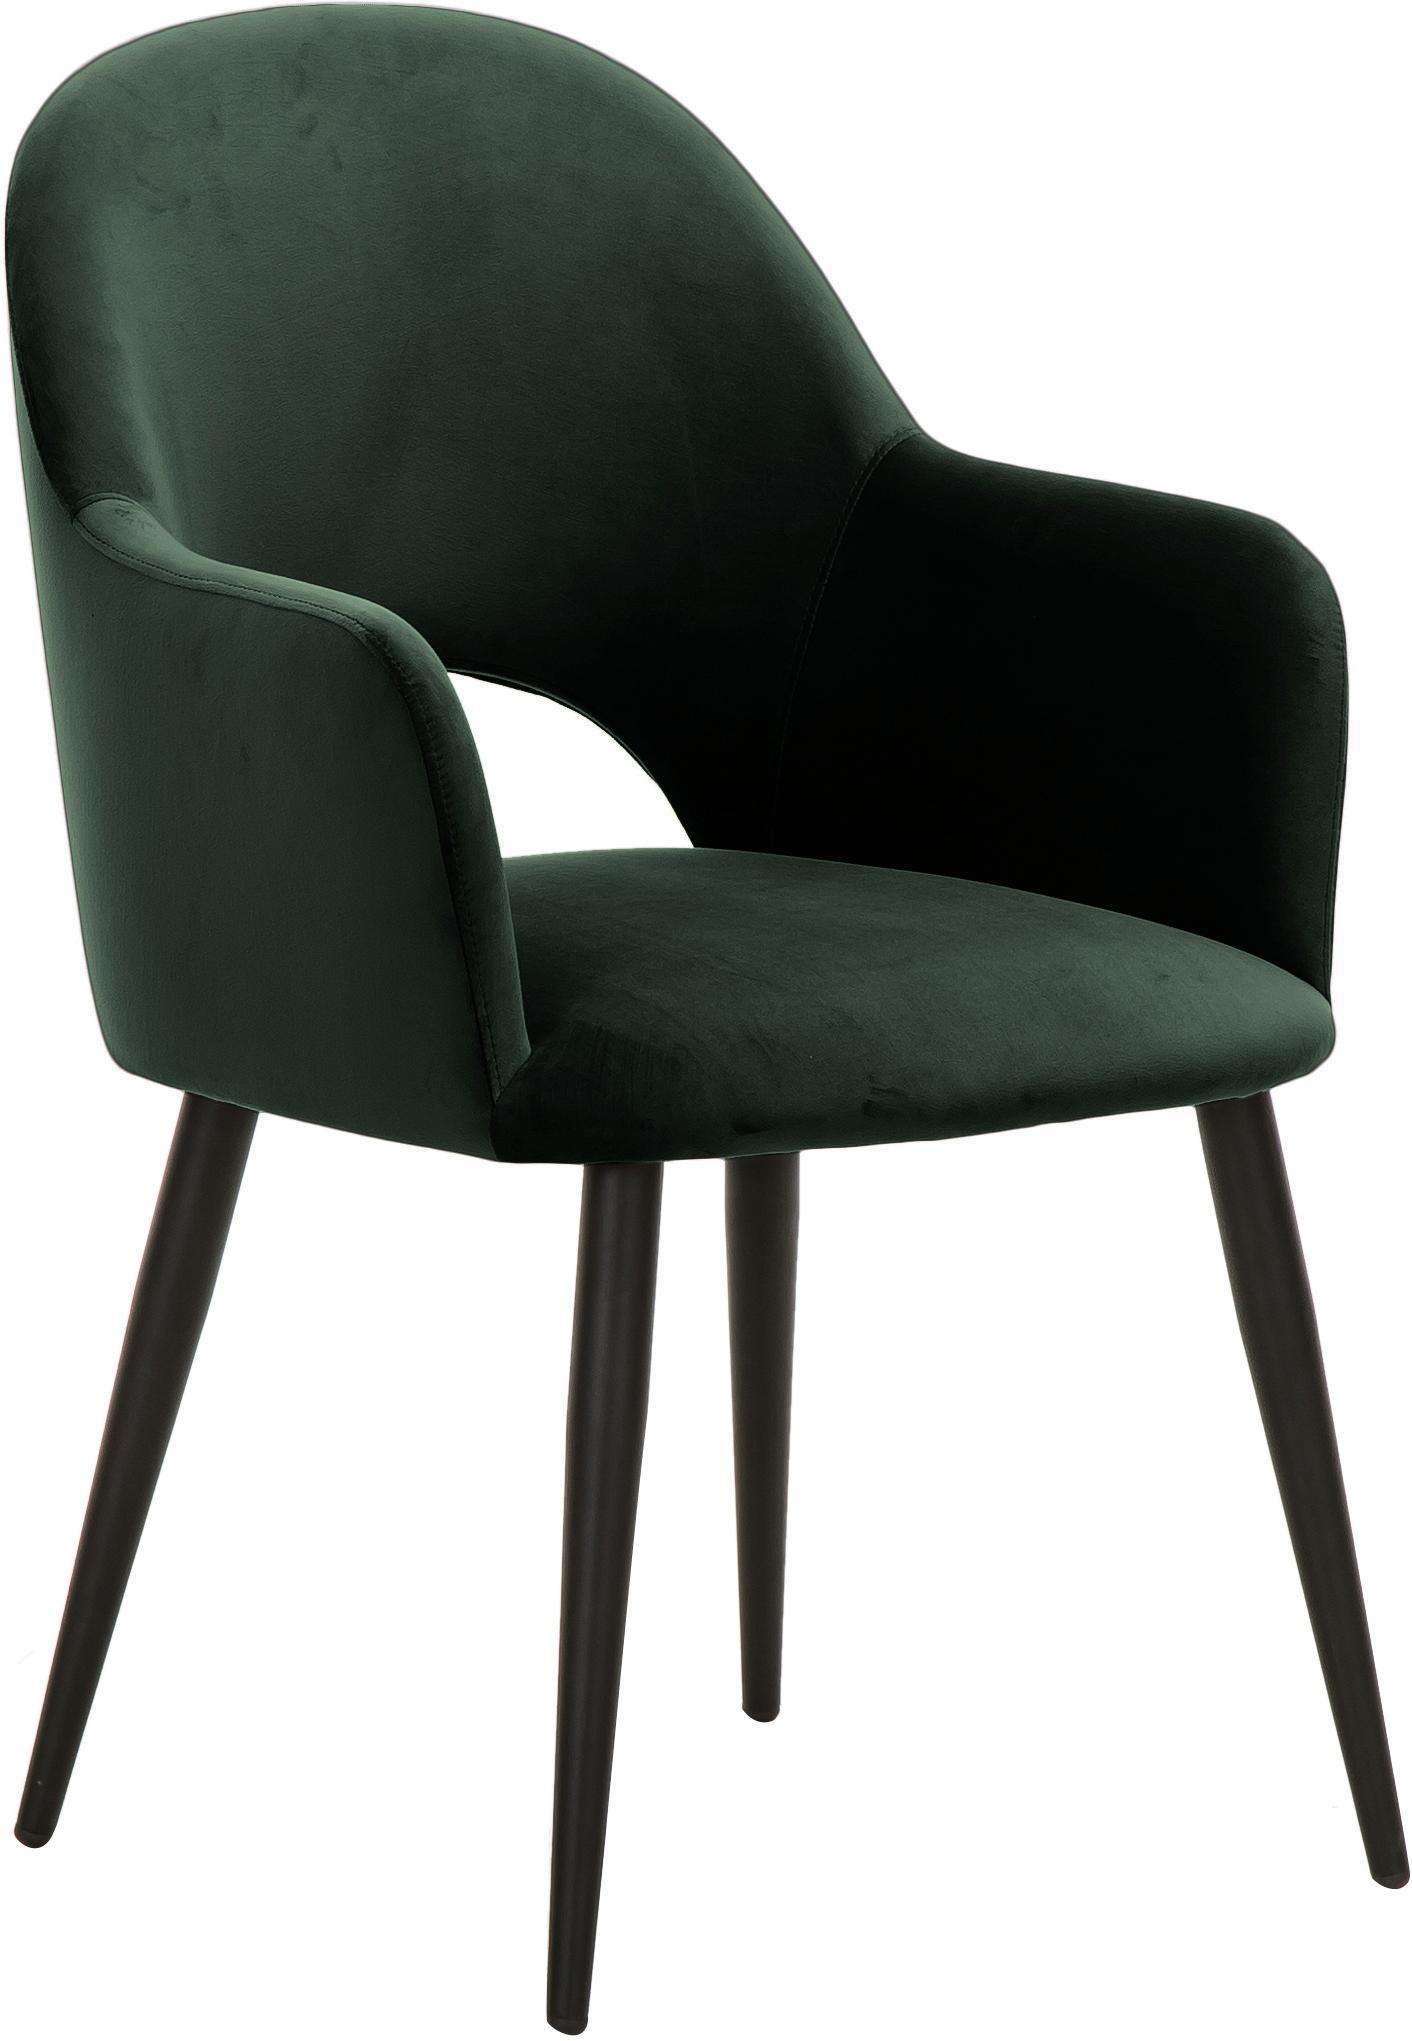 Krzesło z podłokietnikami z aksamitu Rachel, Tapicerka: aksamit (poliester) 5000, Nogi: metal malowany proszkowo, Aksamitny ciemny zielony, S 47 x G 64 cm